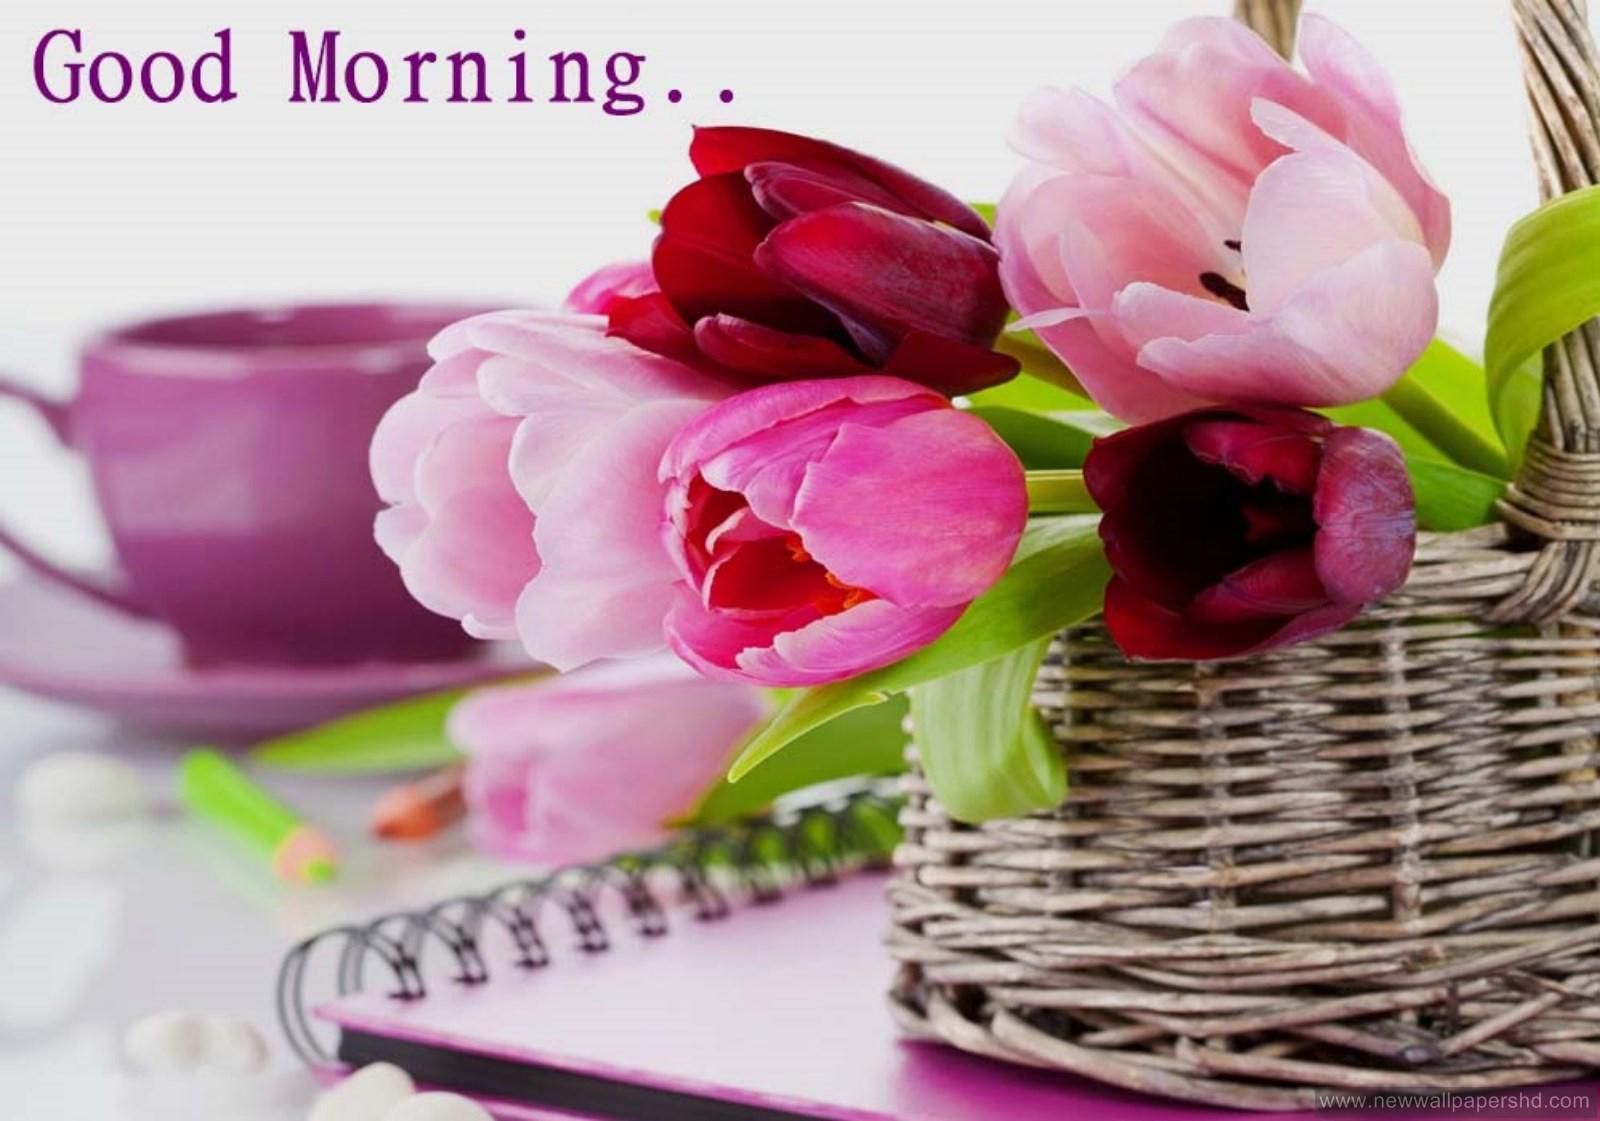 1600x1121 Chào buổi sáng Hình nền đẹp (1600x1121)